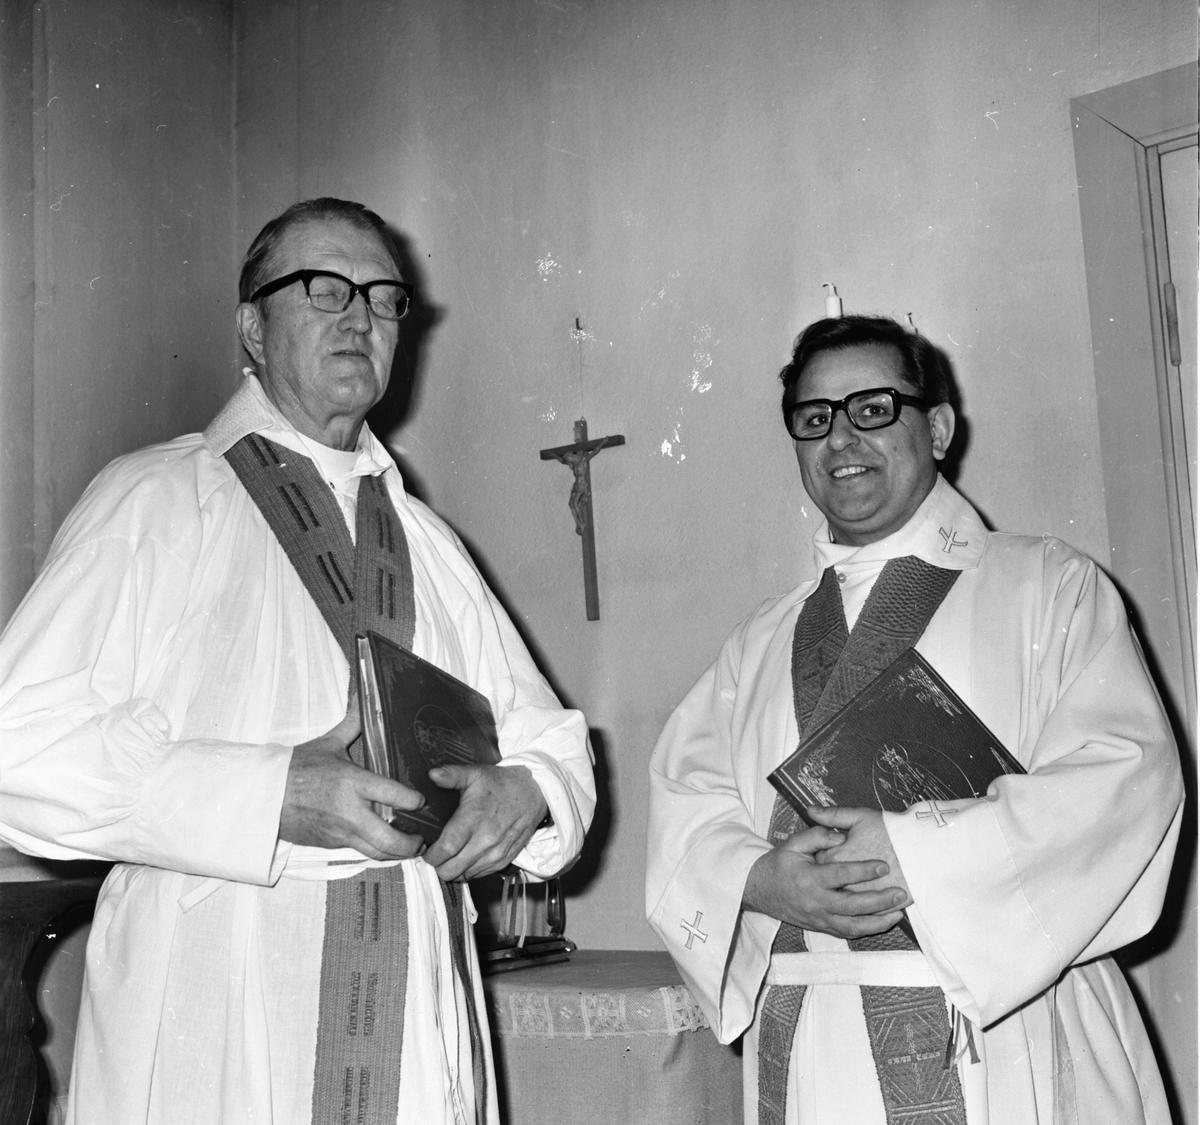 Kyrkoherden hälsas välkommen. Februari 1973